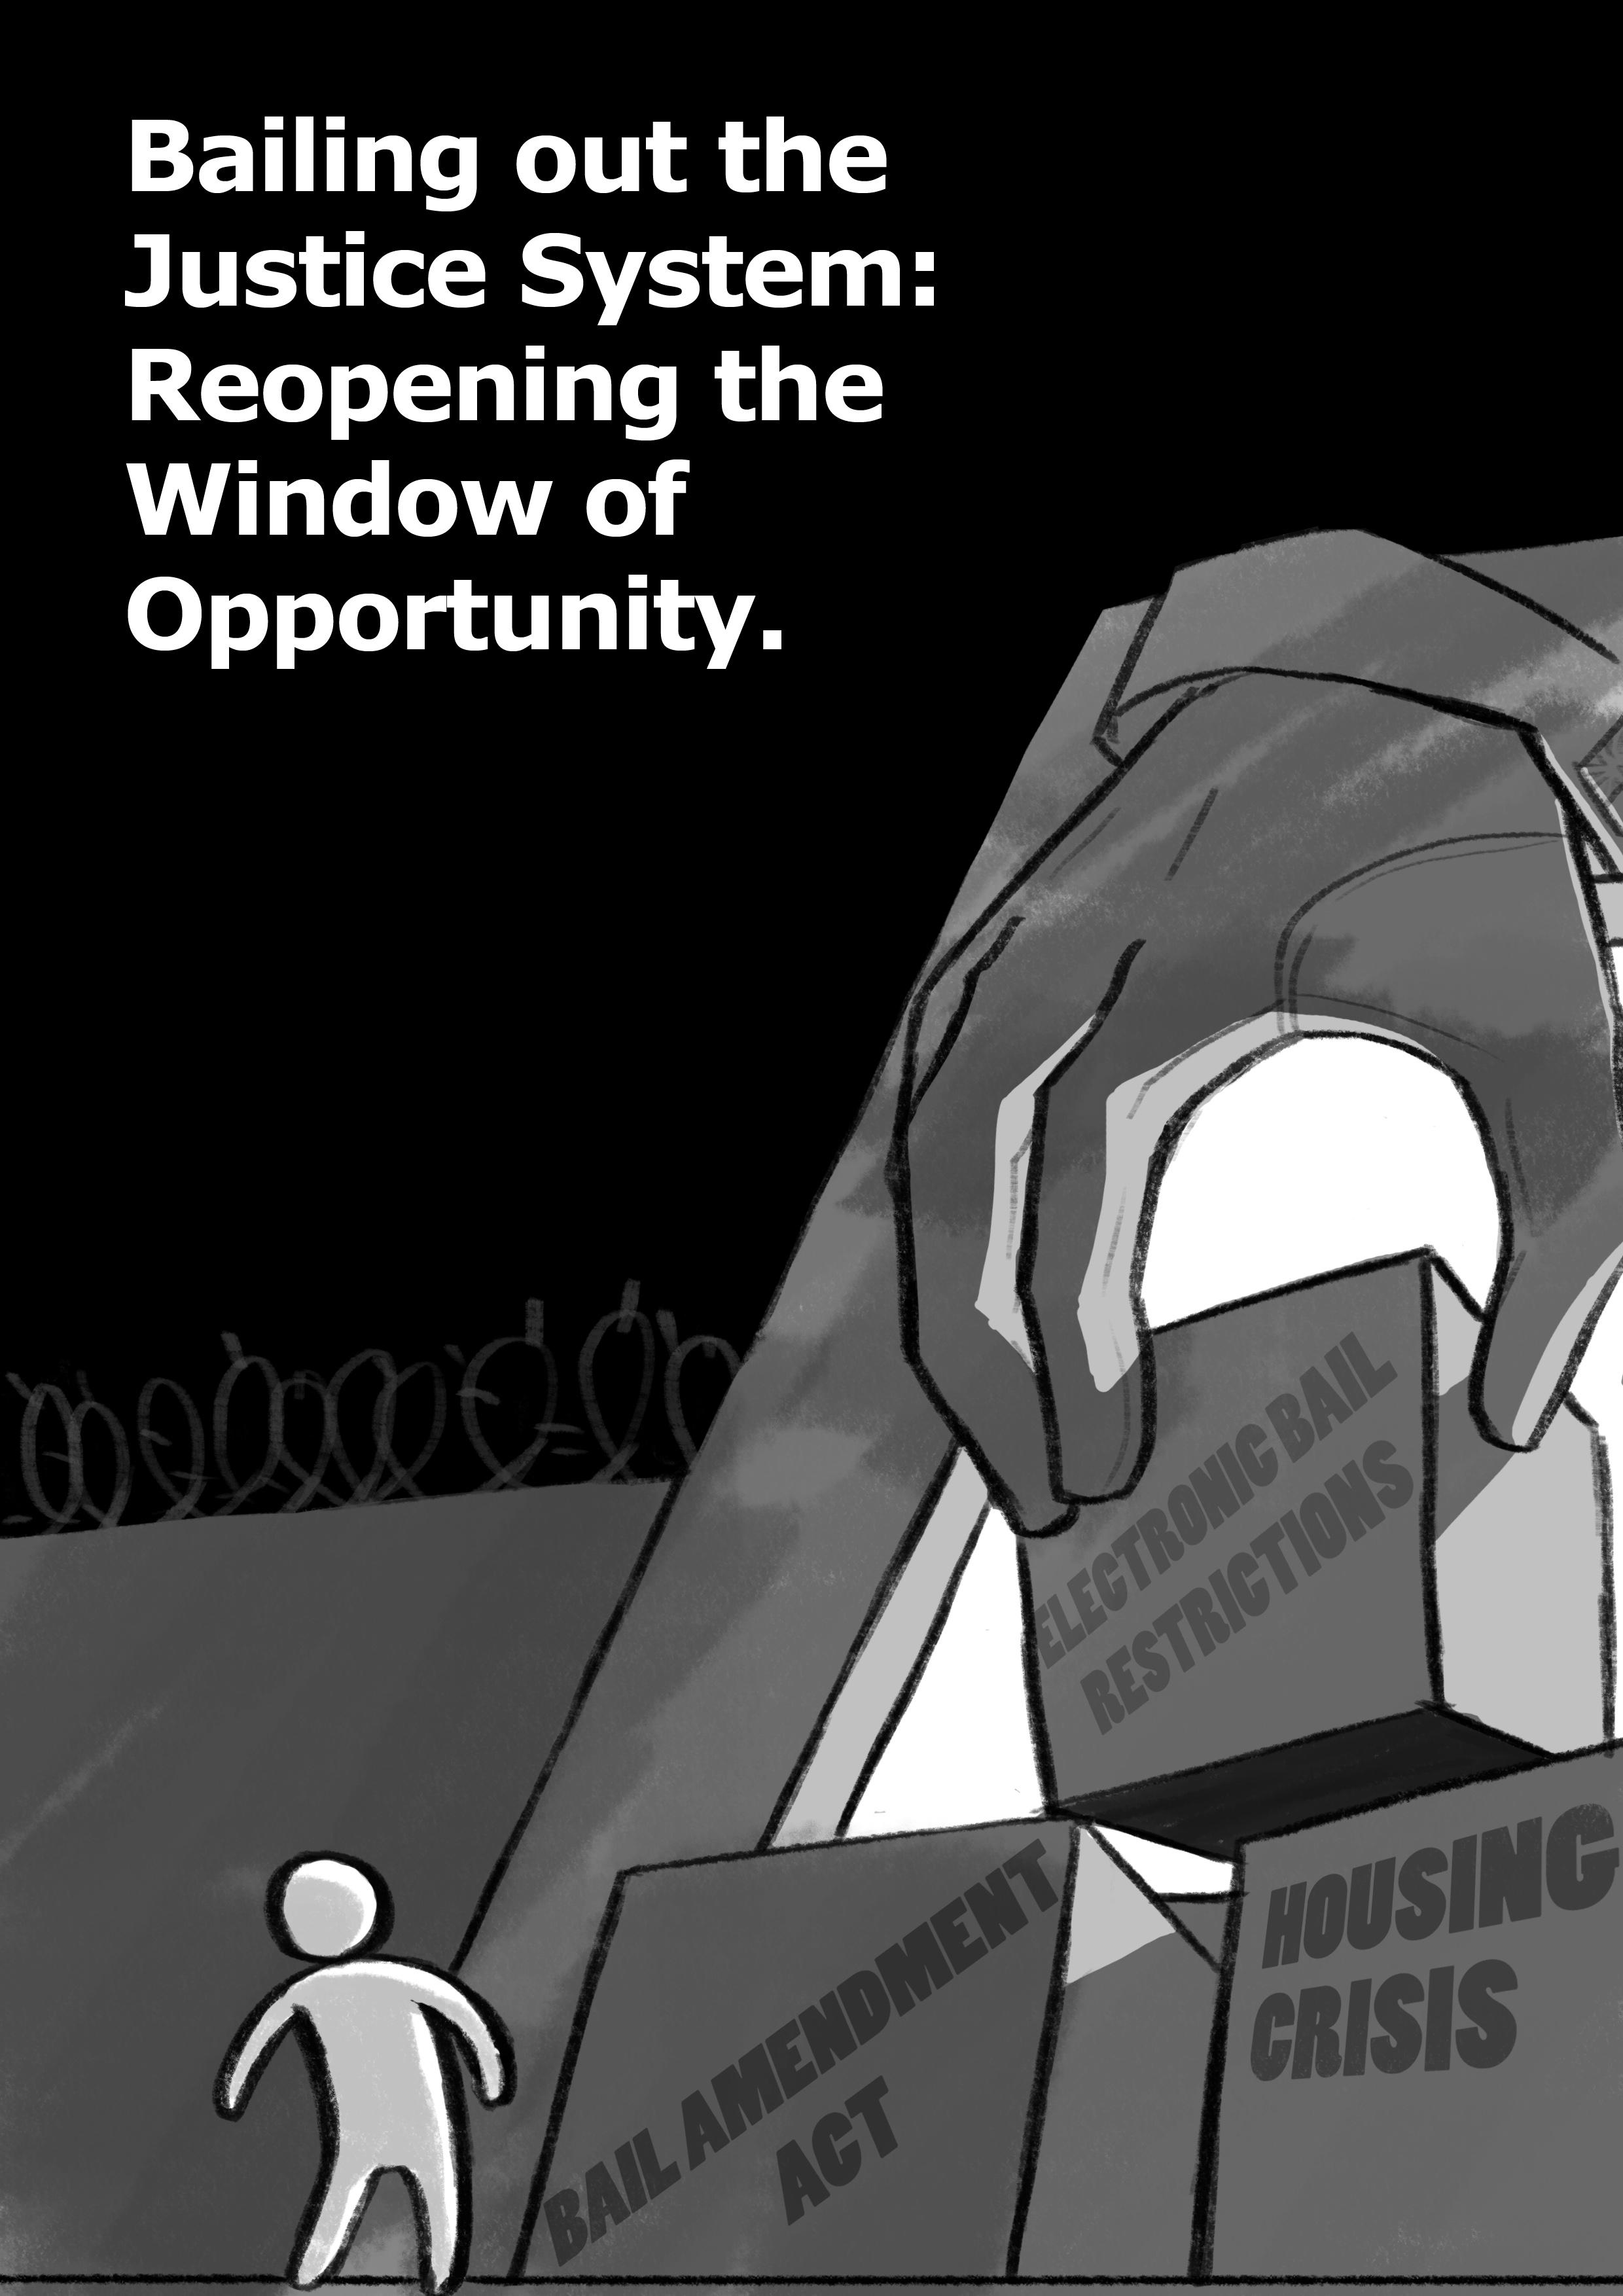 Window_of_opportunity_title.jpg